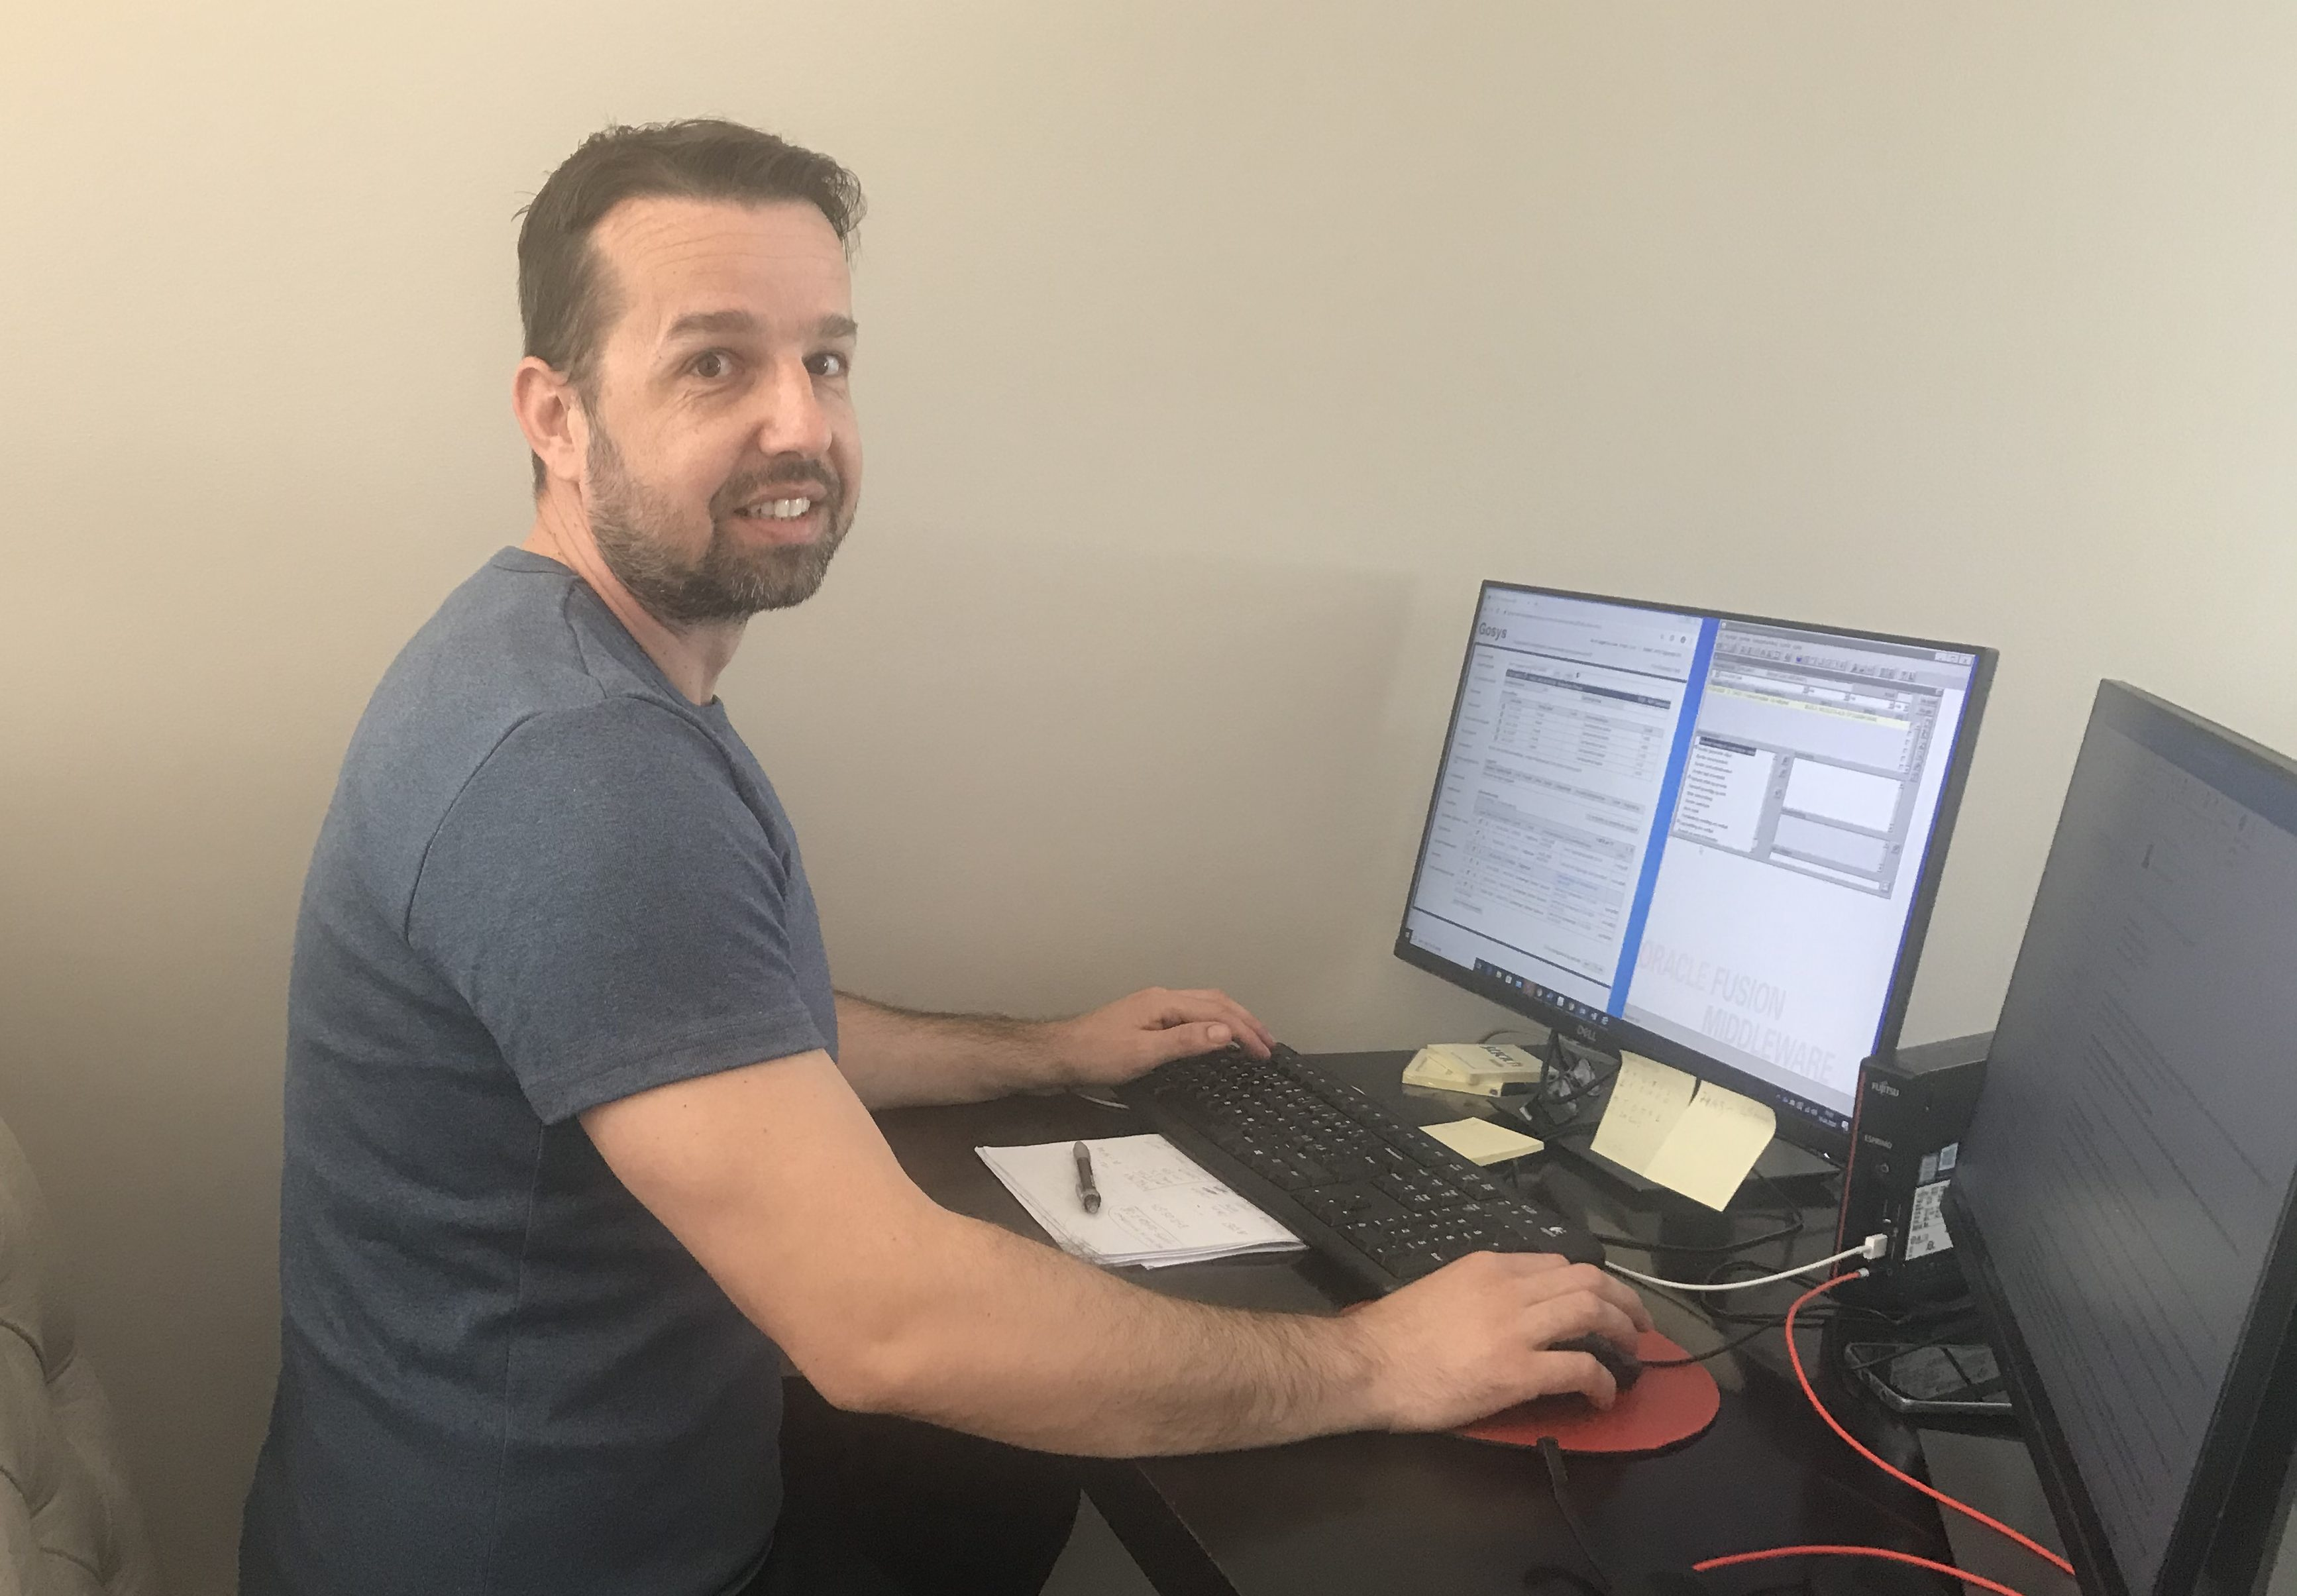 STÅR PÅ: Arman Curic er ansatt i NAV Arbeid og ytelser, der de blant annet behandler dagpengesøknader. I likhet med de fleste andre kollegene sine jobber han hjemmefra. (Foto: Privat)